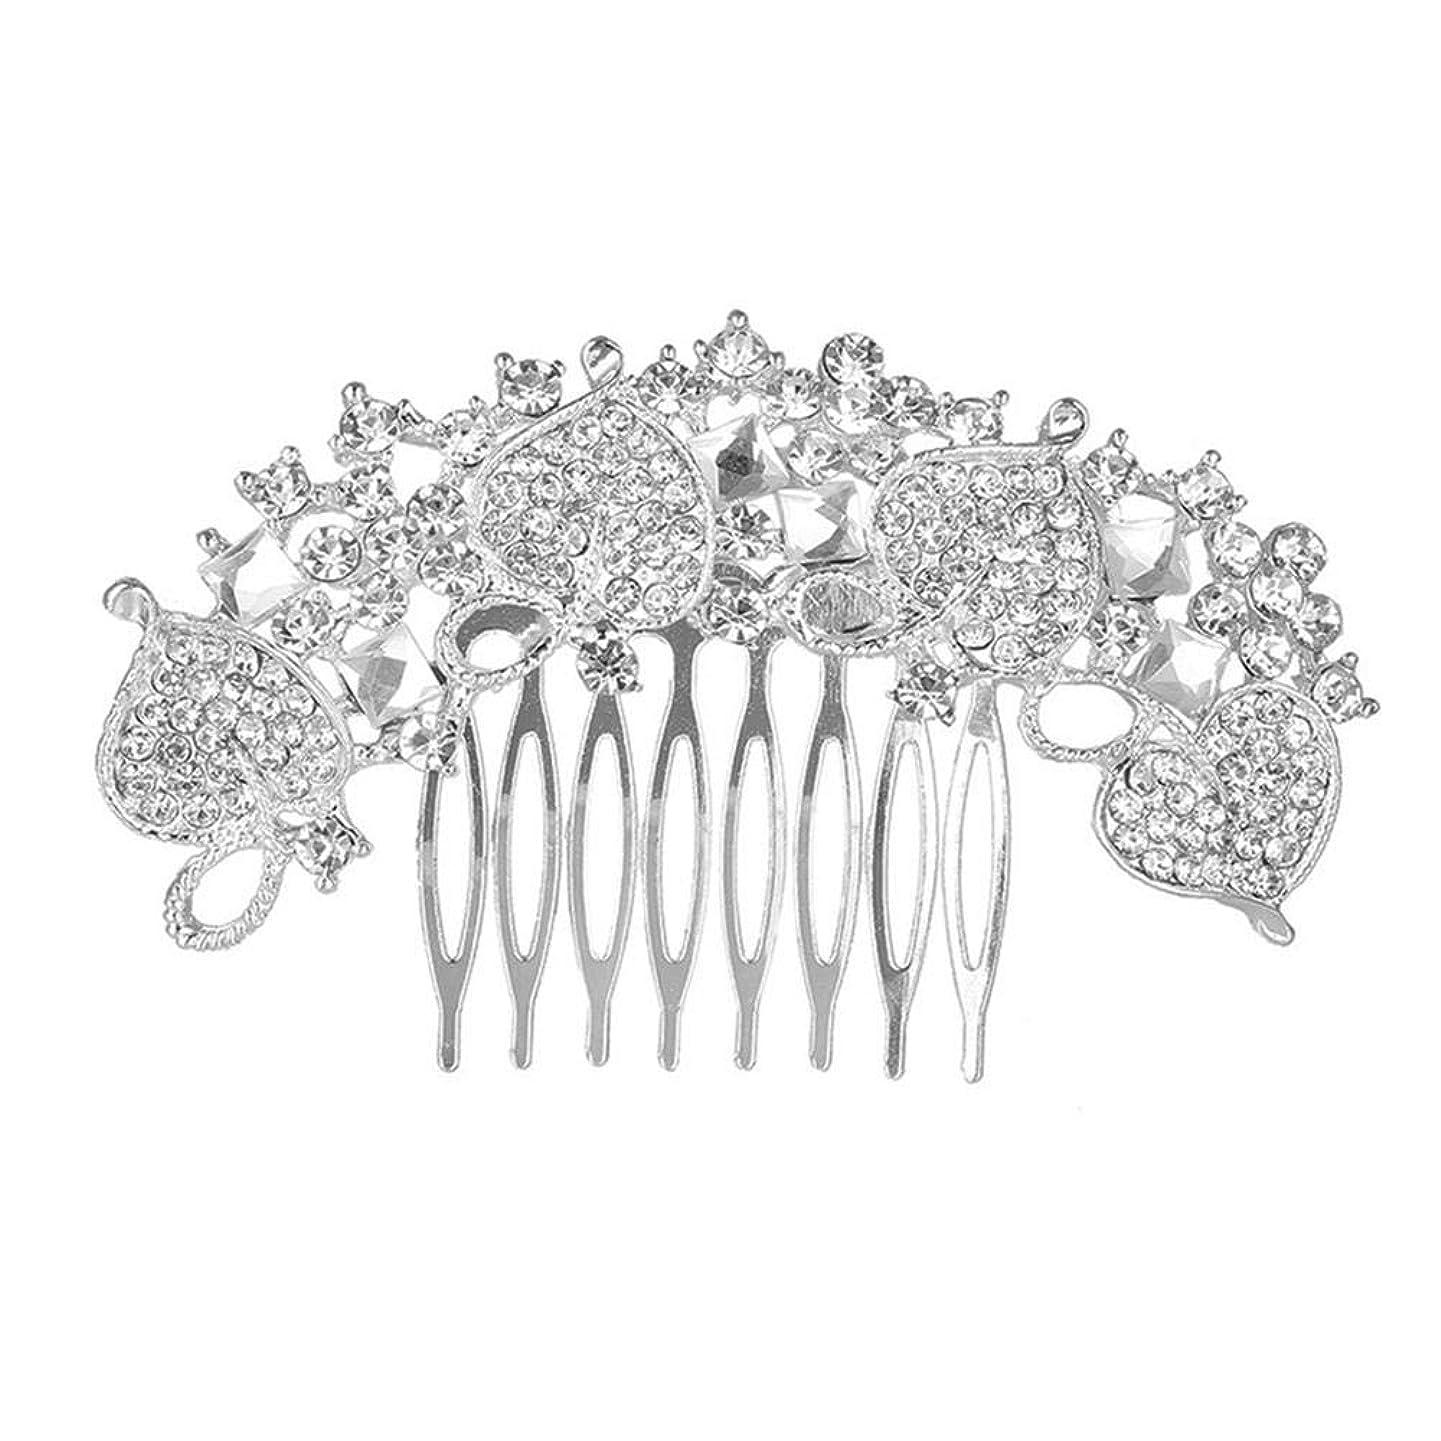 財産偶然のグリース髪の櫛、櫛、花嫁の髪の櫛、クラウン髪の櫛、結婚式のアクセサリー、ラインストーンの髪の櫛、ブライダルヘアアクセサリー